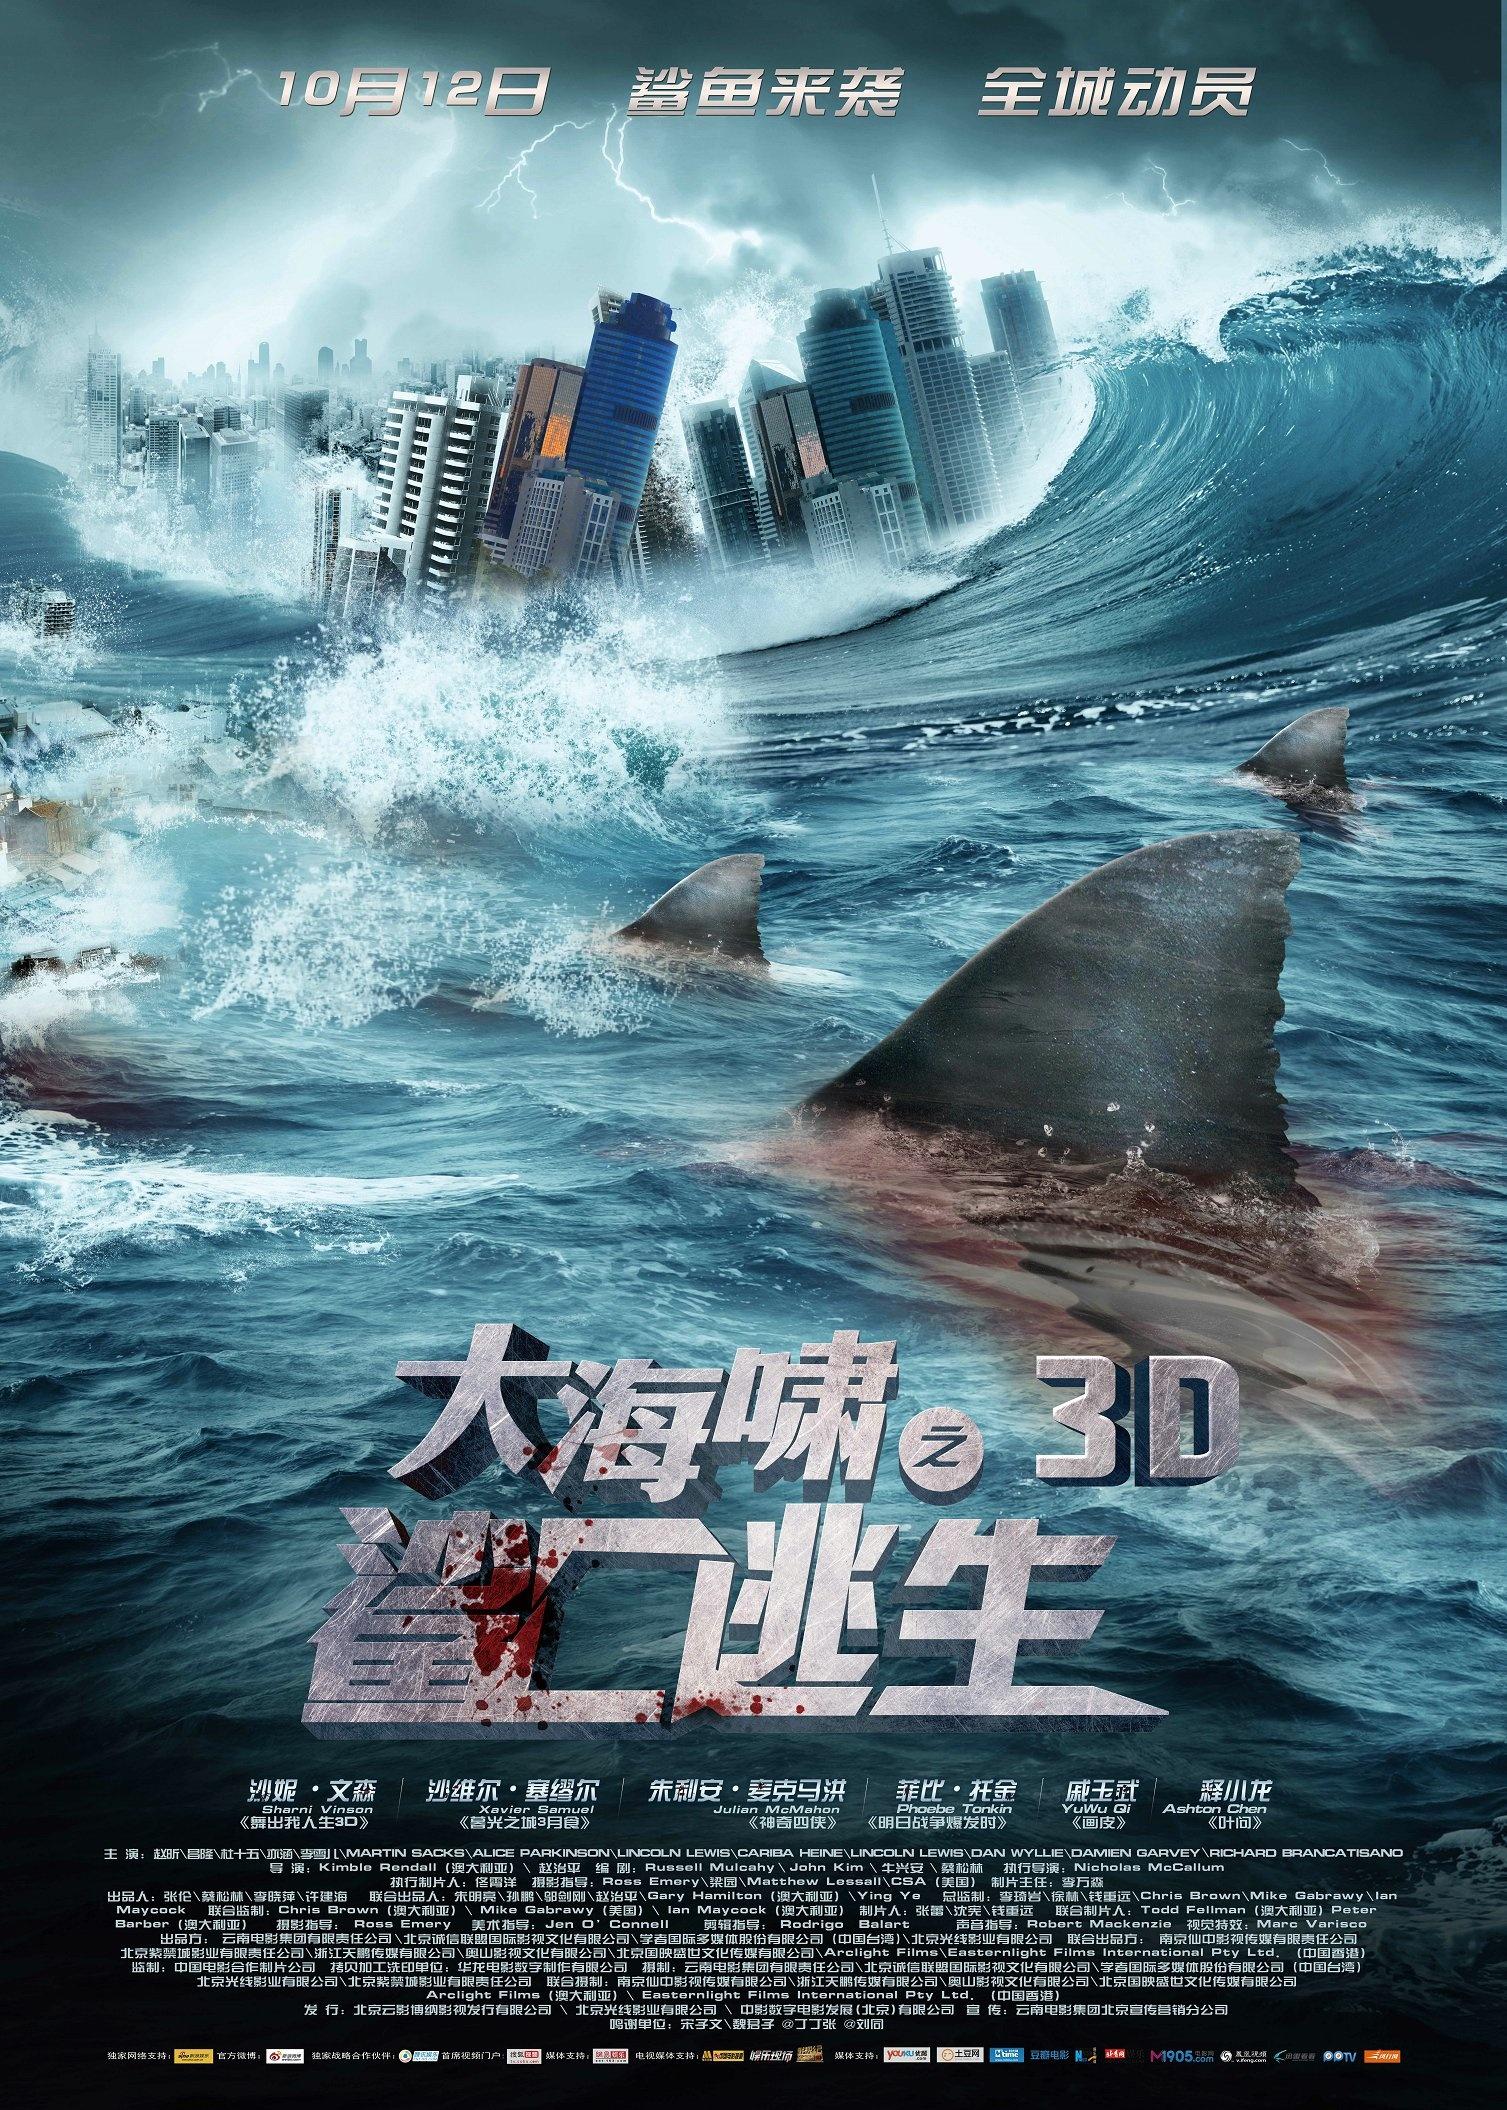 大海啸之鲨口逃生